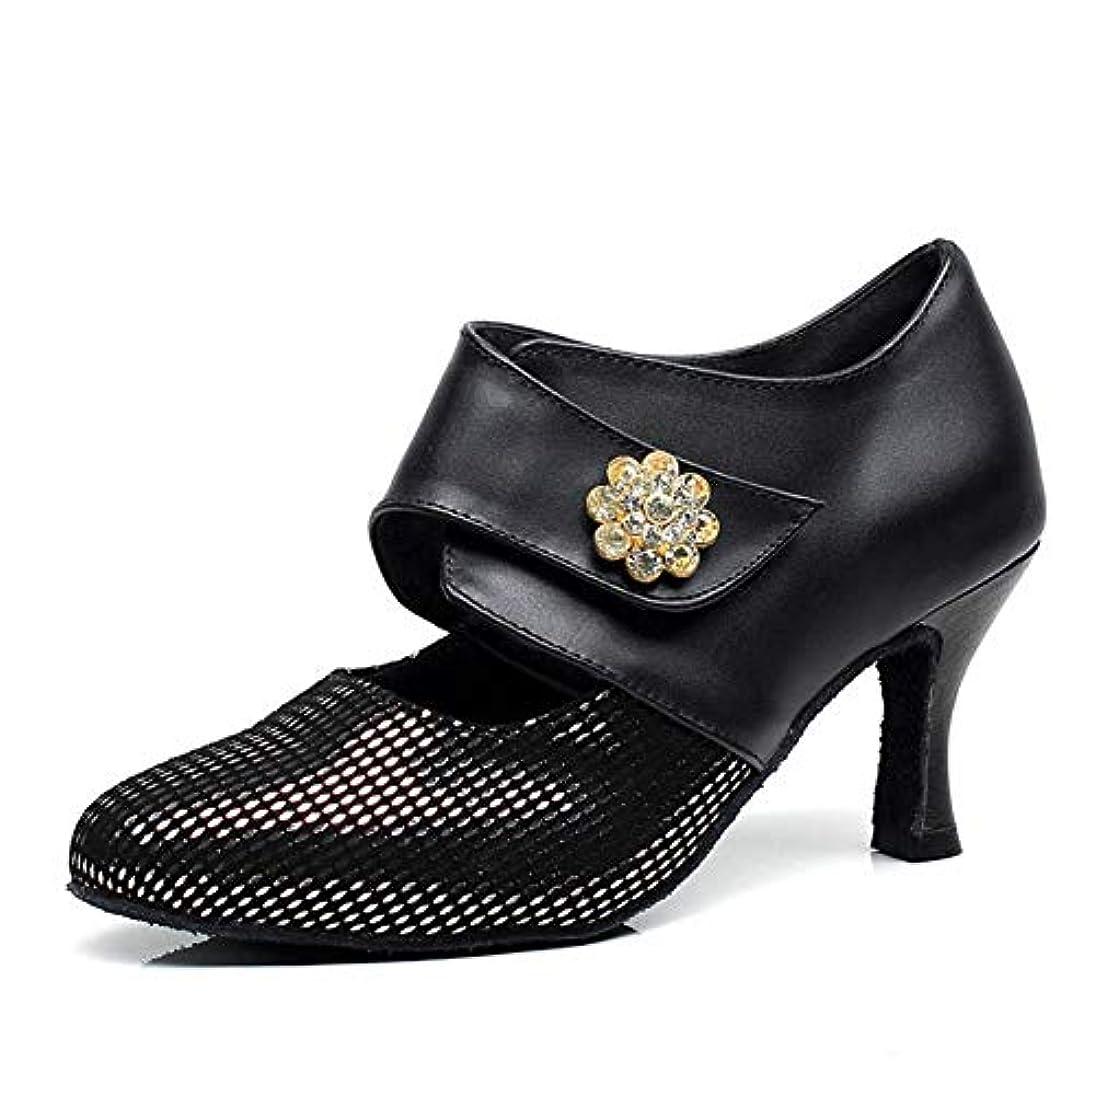 プリーツ電信冷える[Dianyejiancai] 最新の女性ダンスシューズ レディースモダンダンスシューズ、ソフトボトムラテンシューズBallroom Dance Shoes